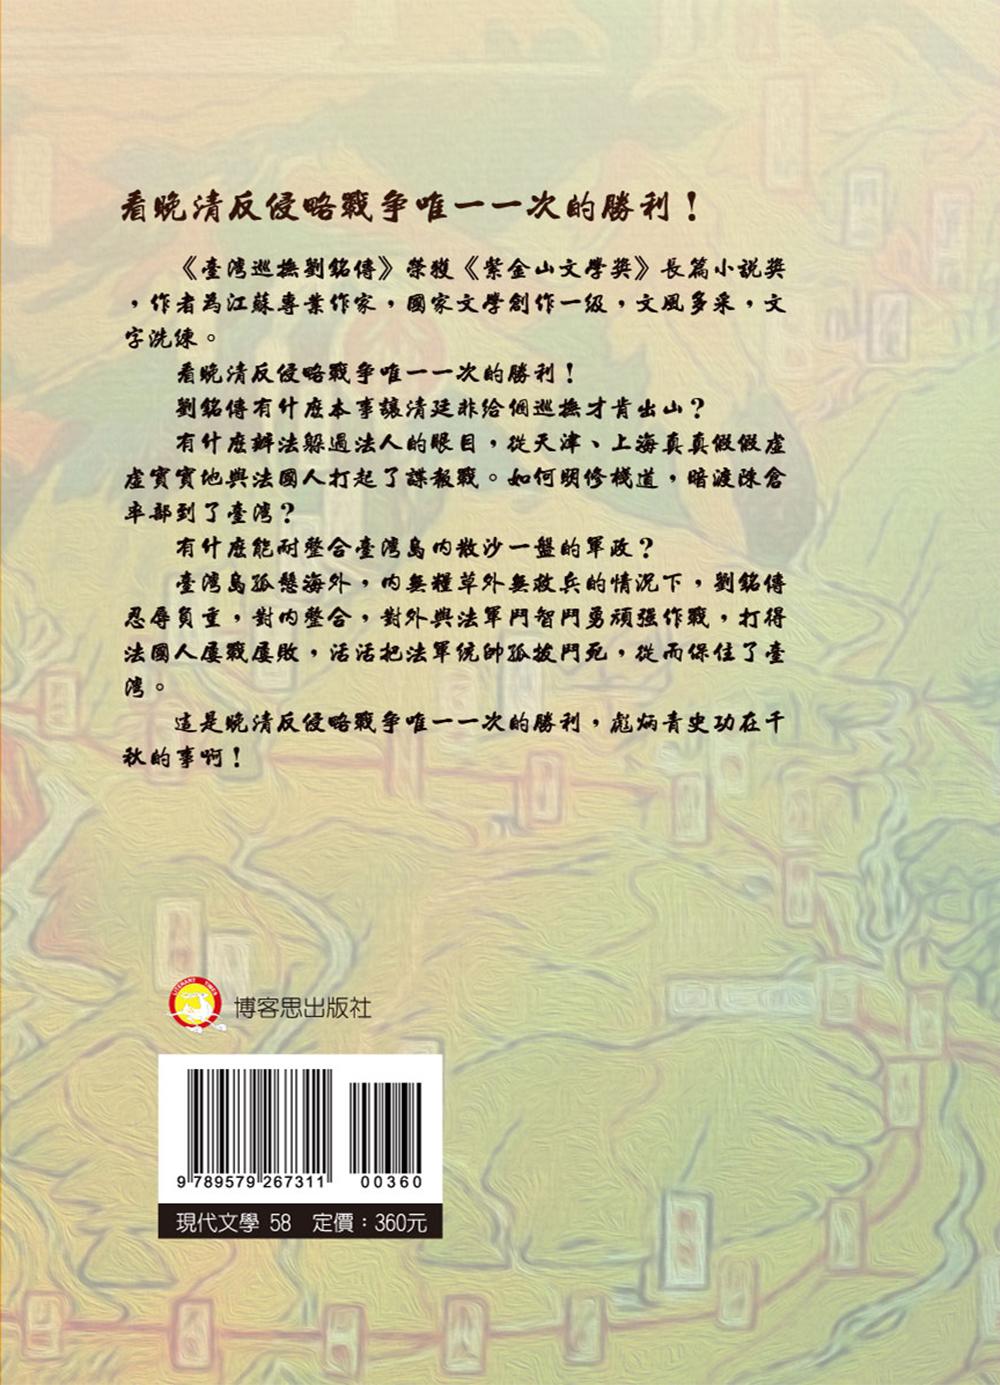 臺灣巡撫劉銘傳